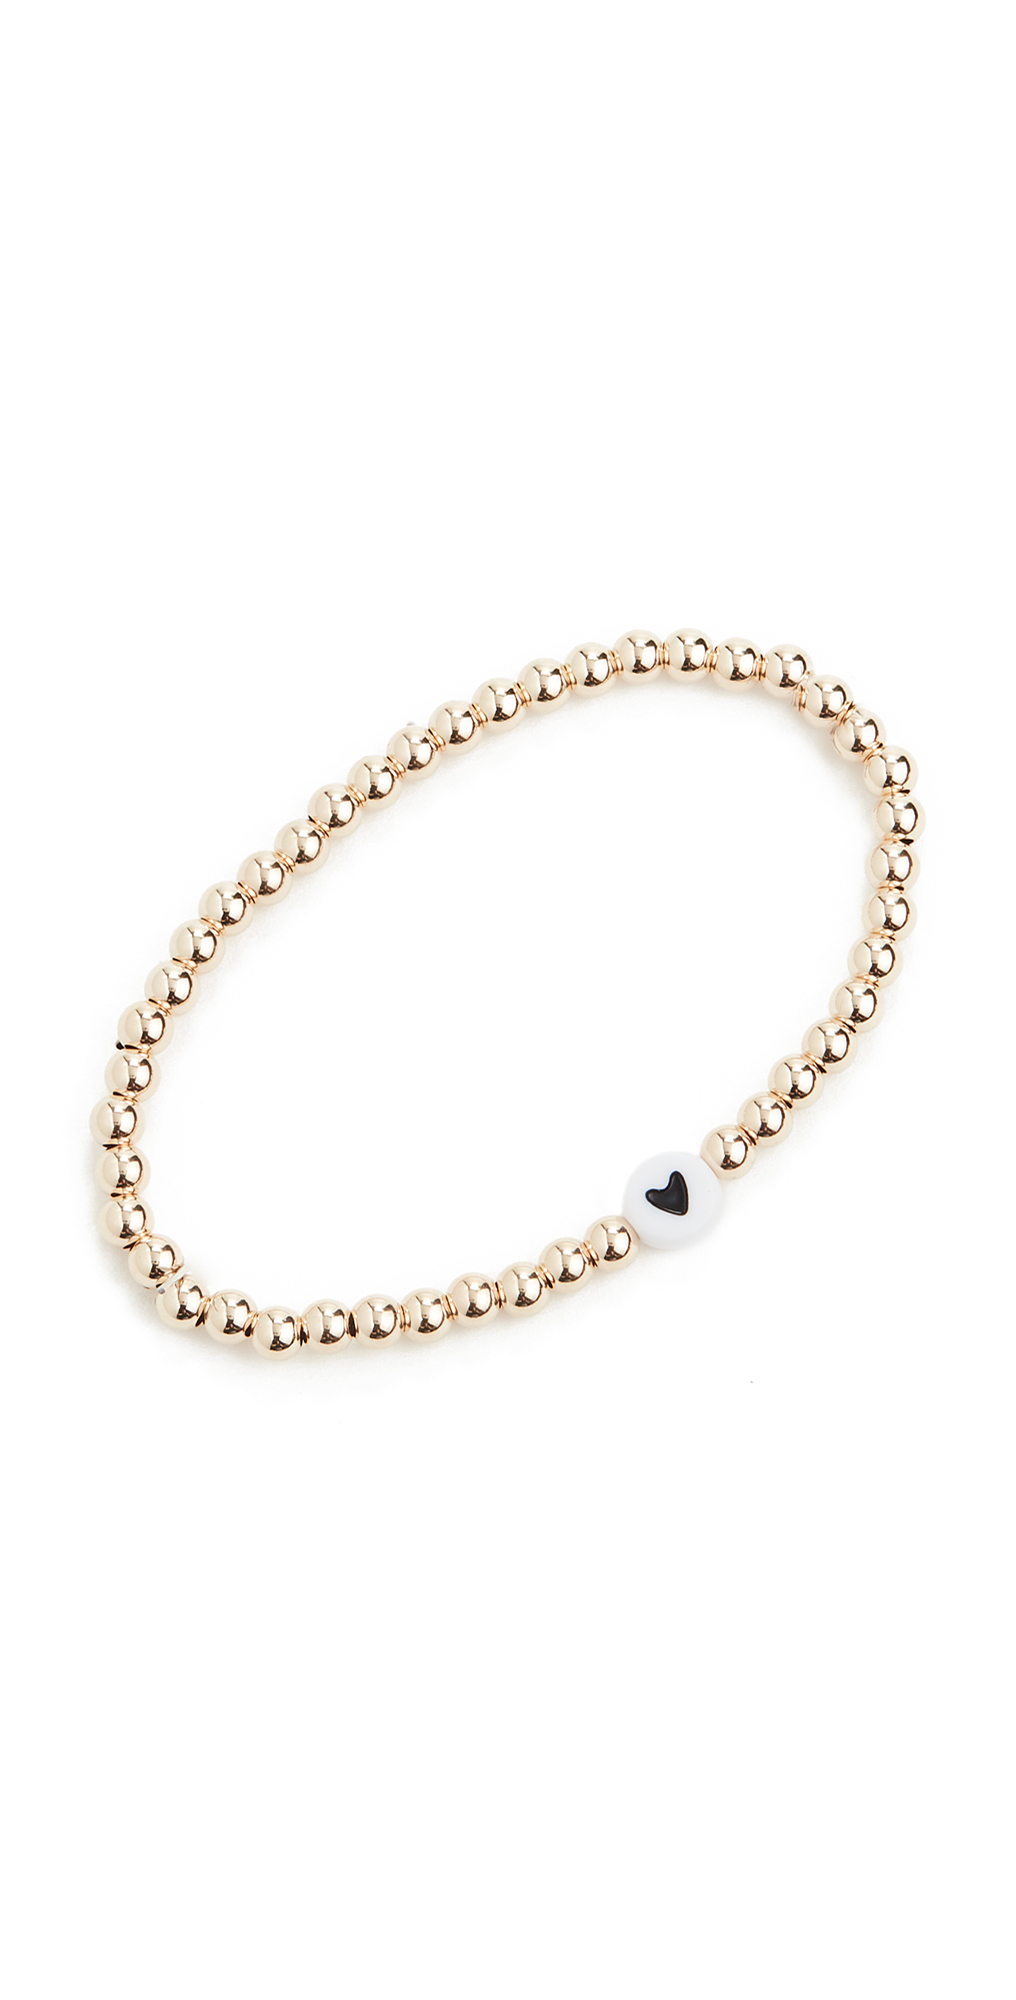 4mm Black Heart Bracelet